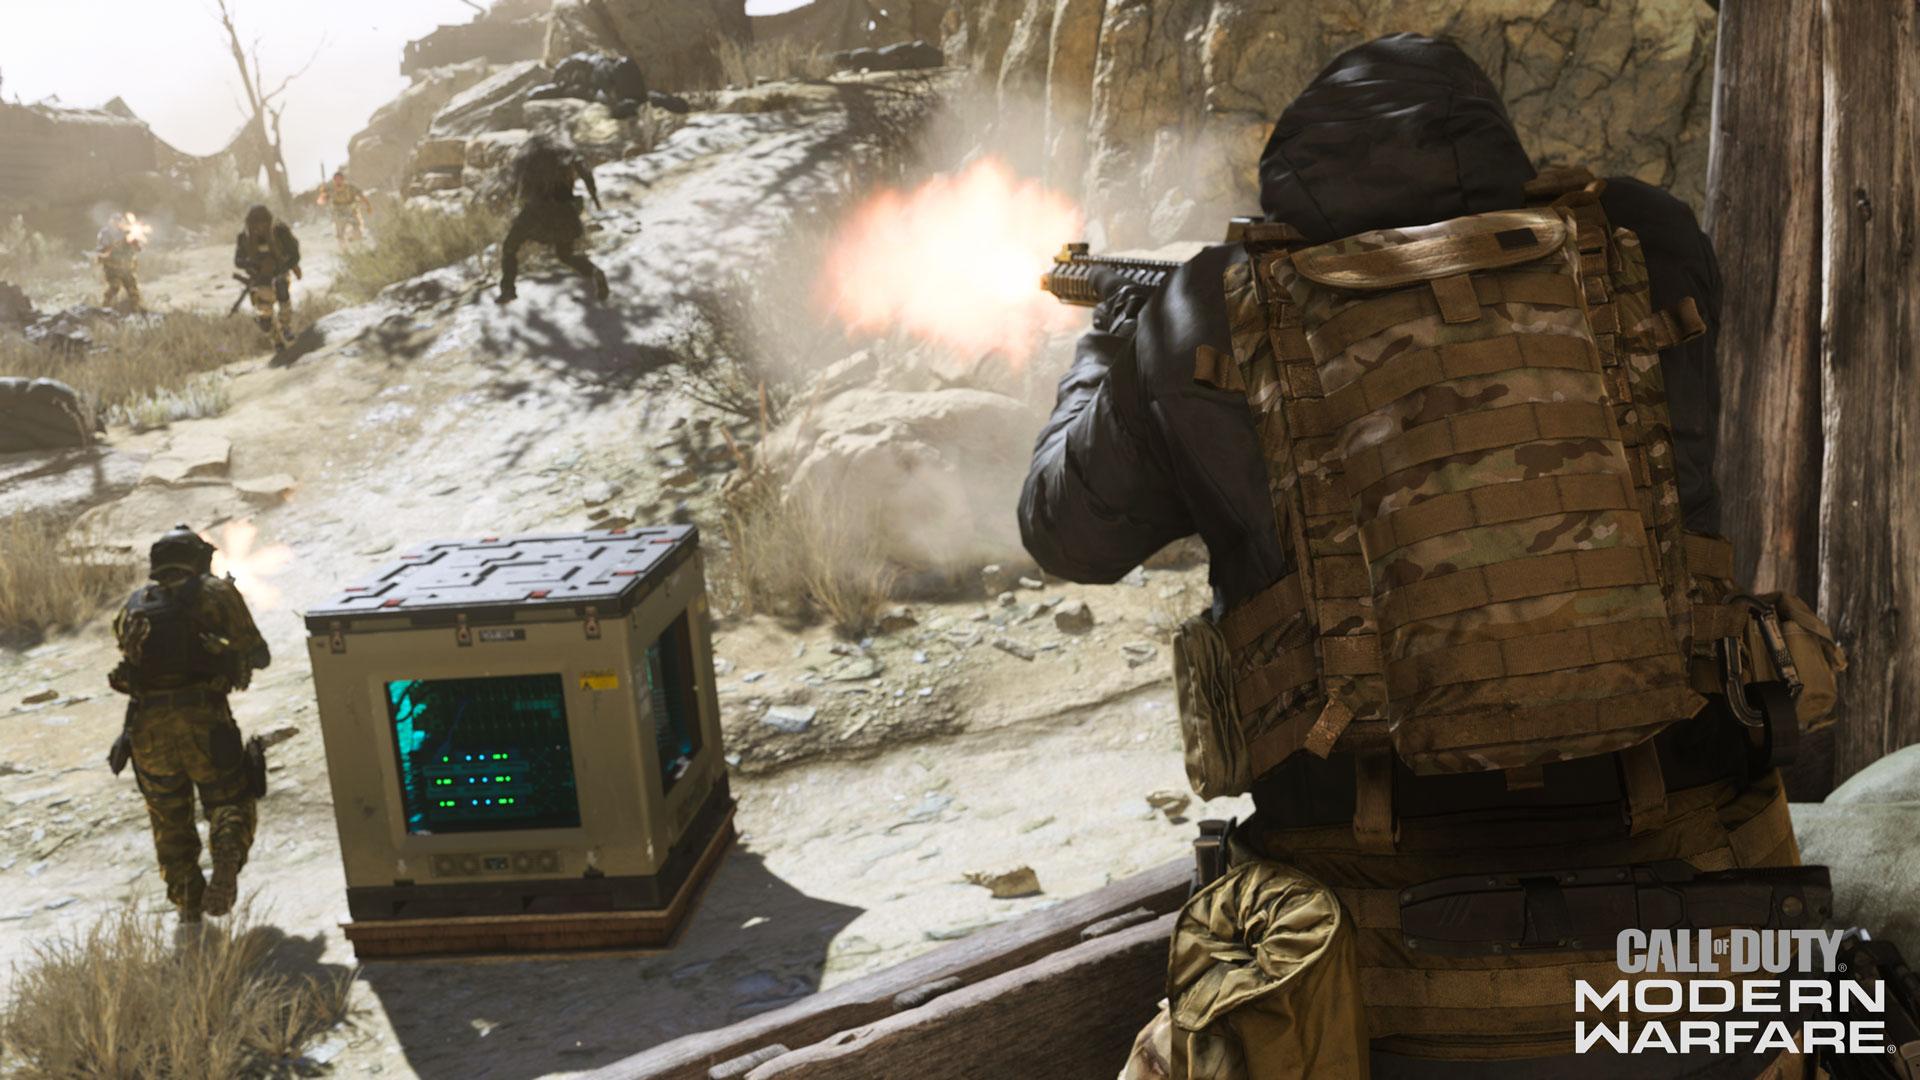 BETA MODES CYBER - Das erwartet euch in der Call of Duty Modern Warfare Beta